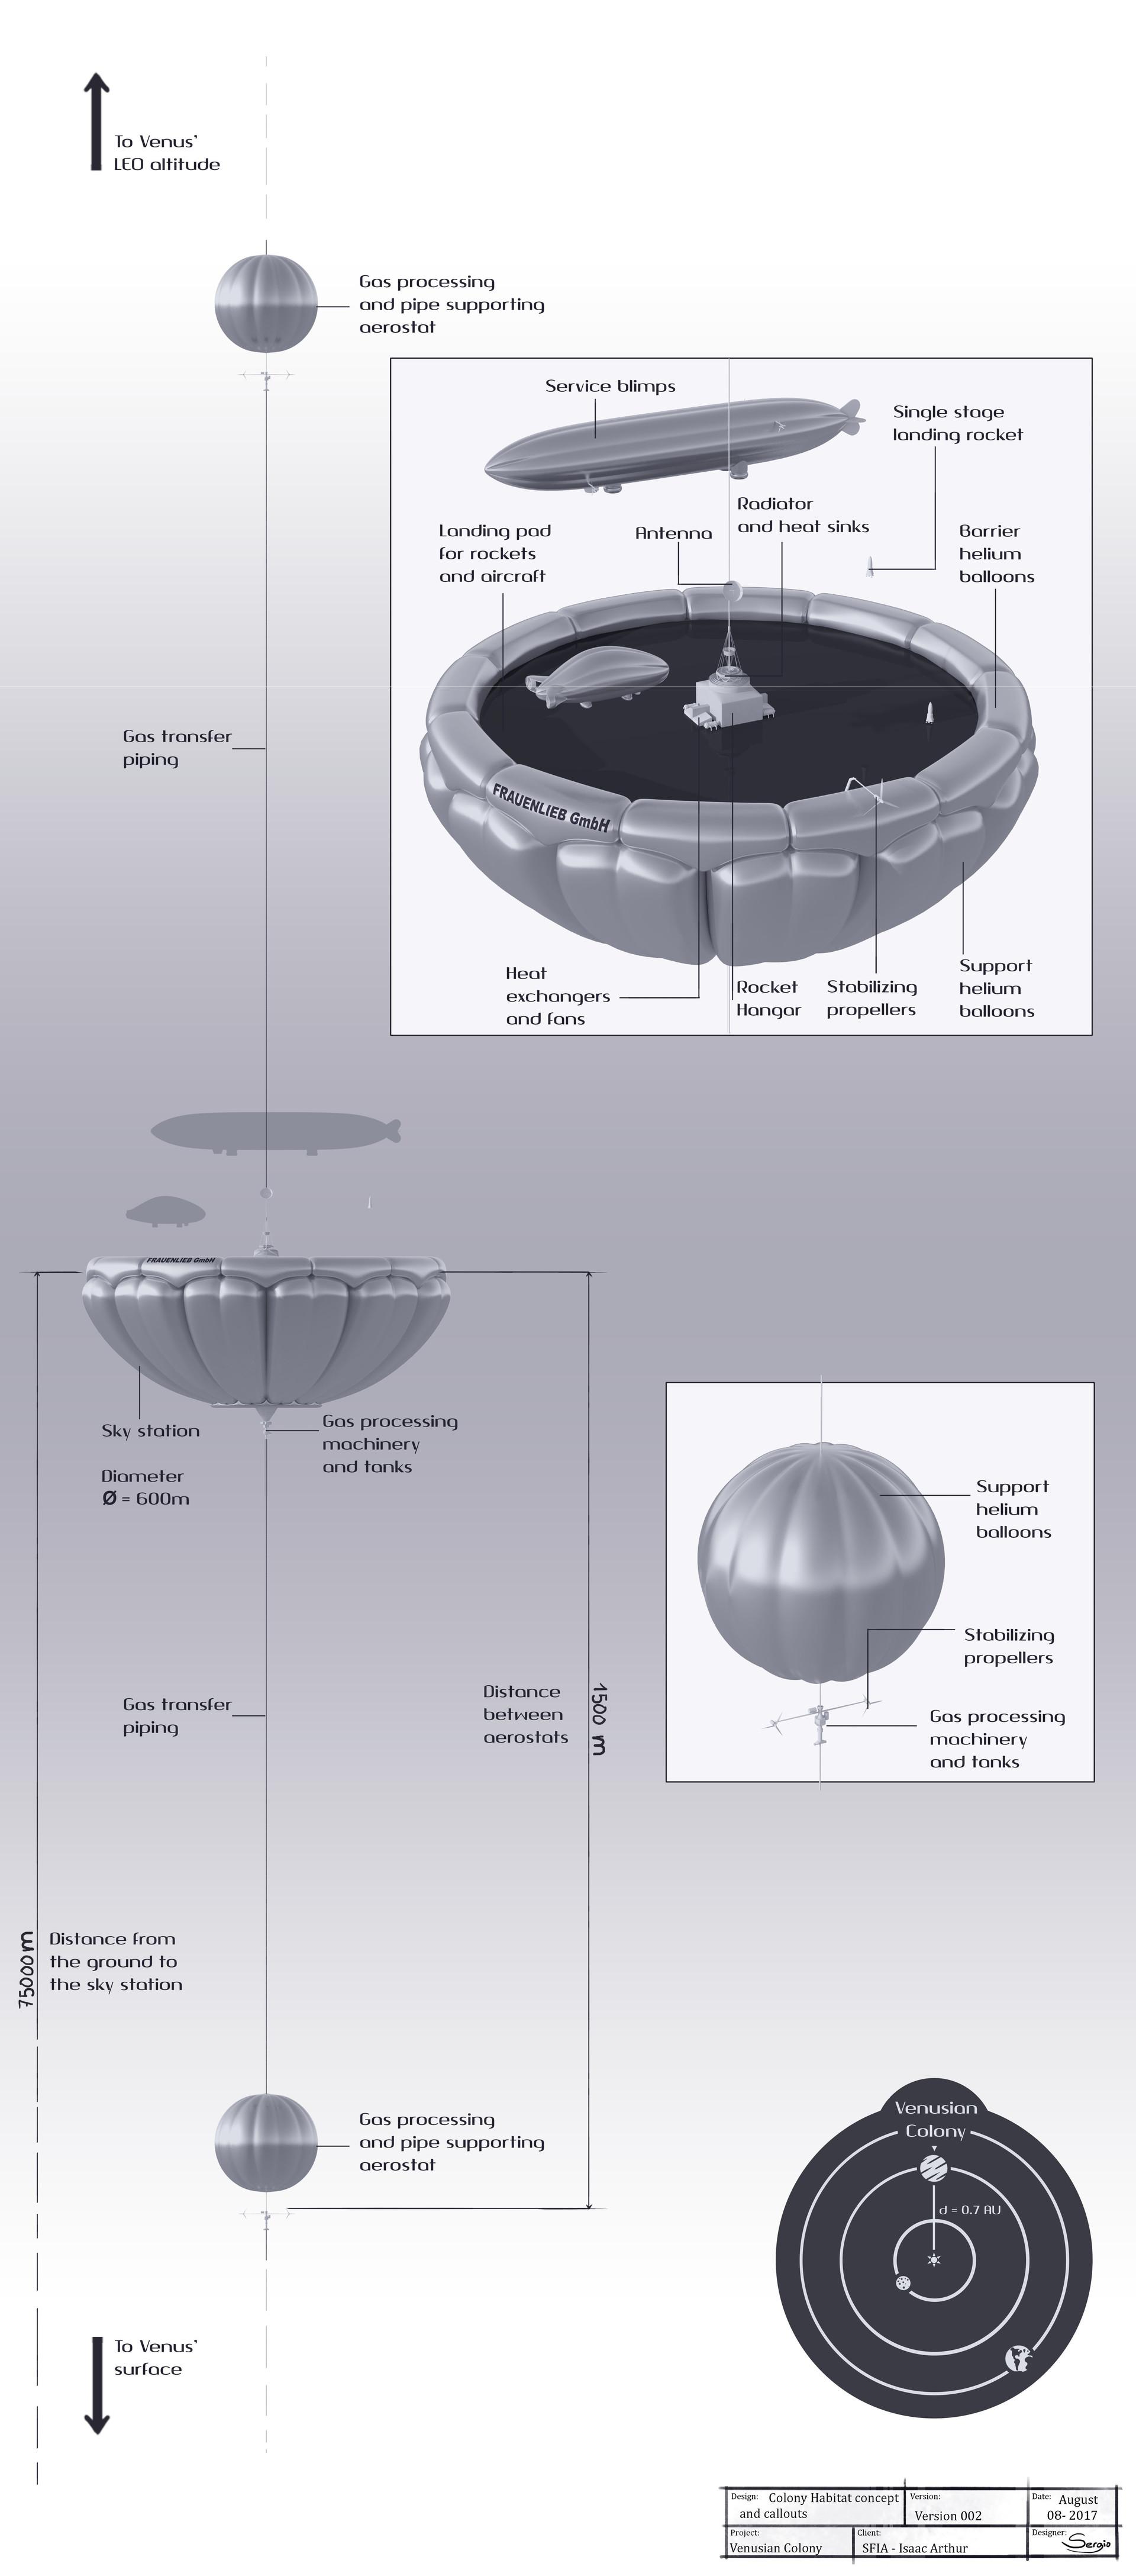 Sergio botero tflp venusian colony concept v2 web